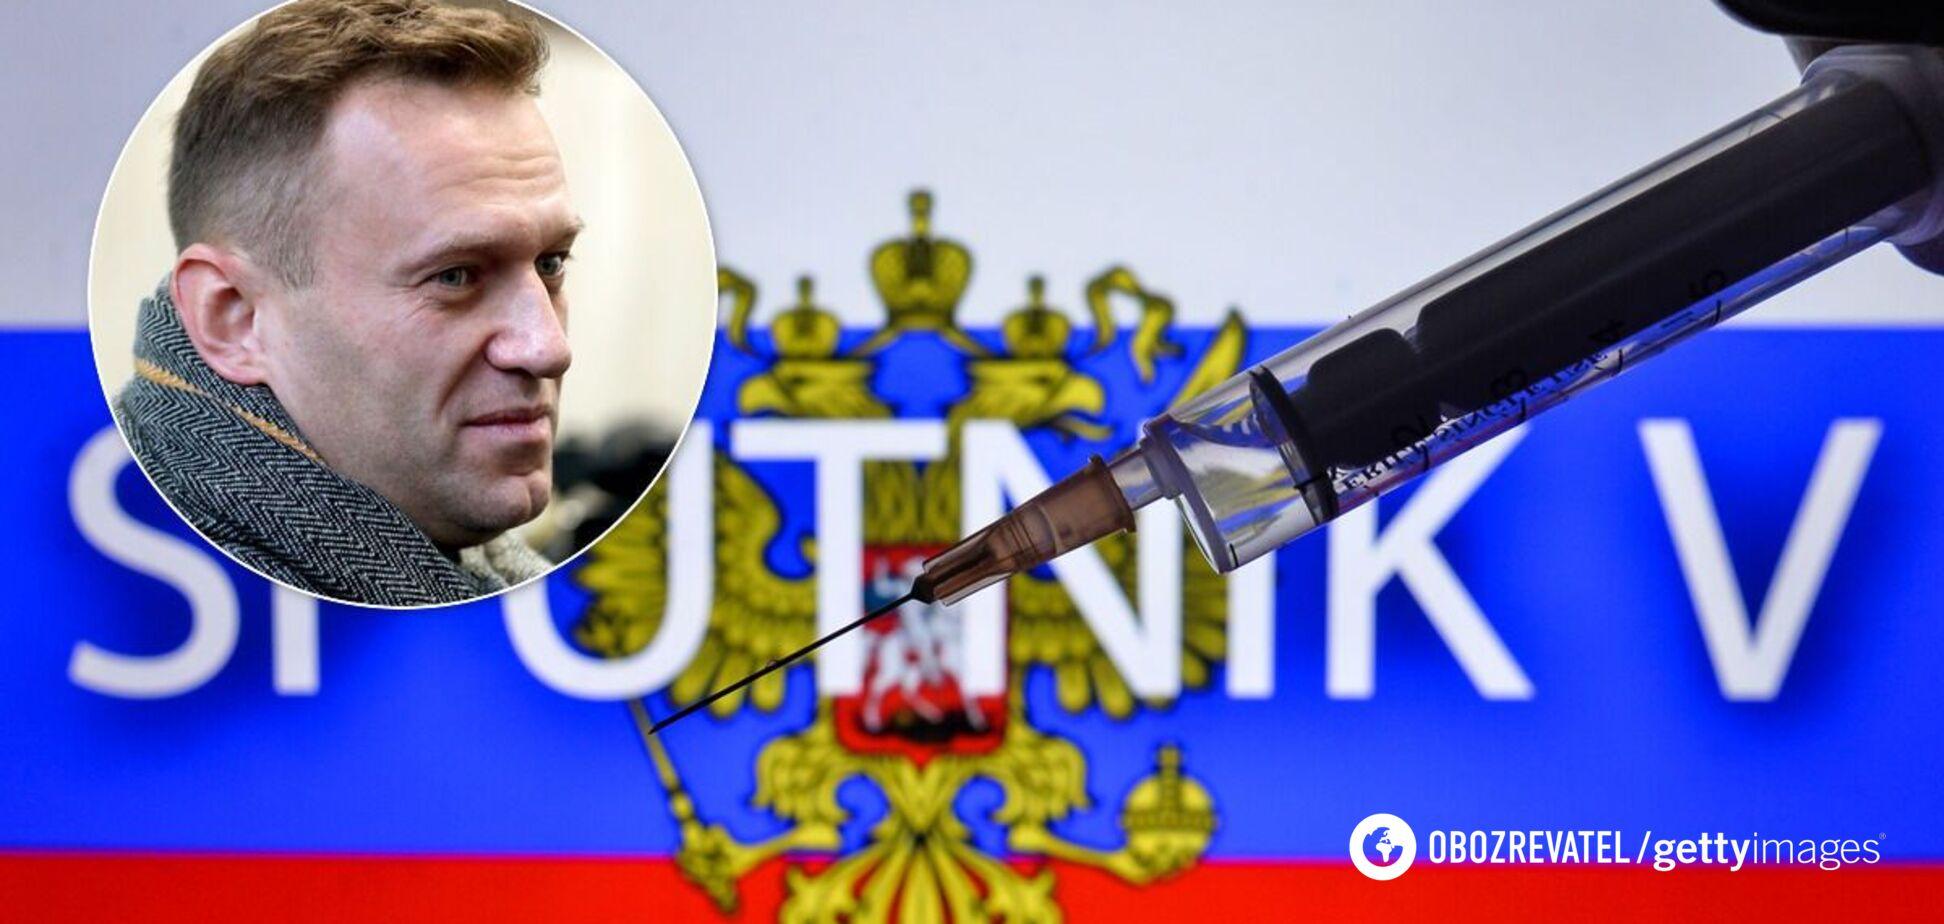 Під санкції через отруєння Навального може потрапити біотехнологічний сектор РФ